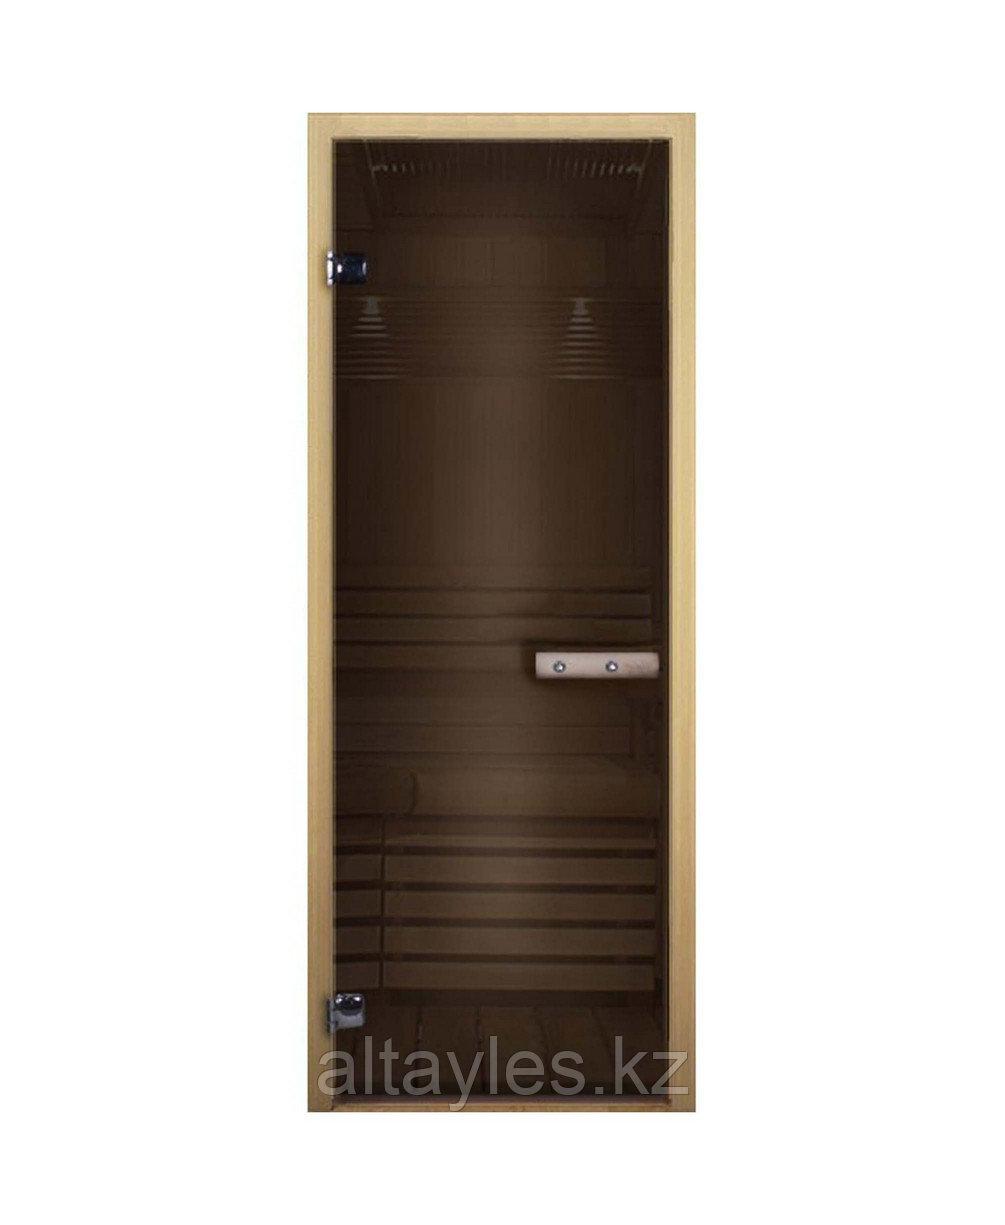 Дверь стеклянная для бани и сауны (термостекло)